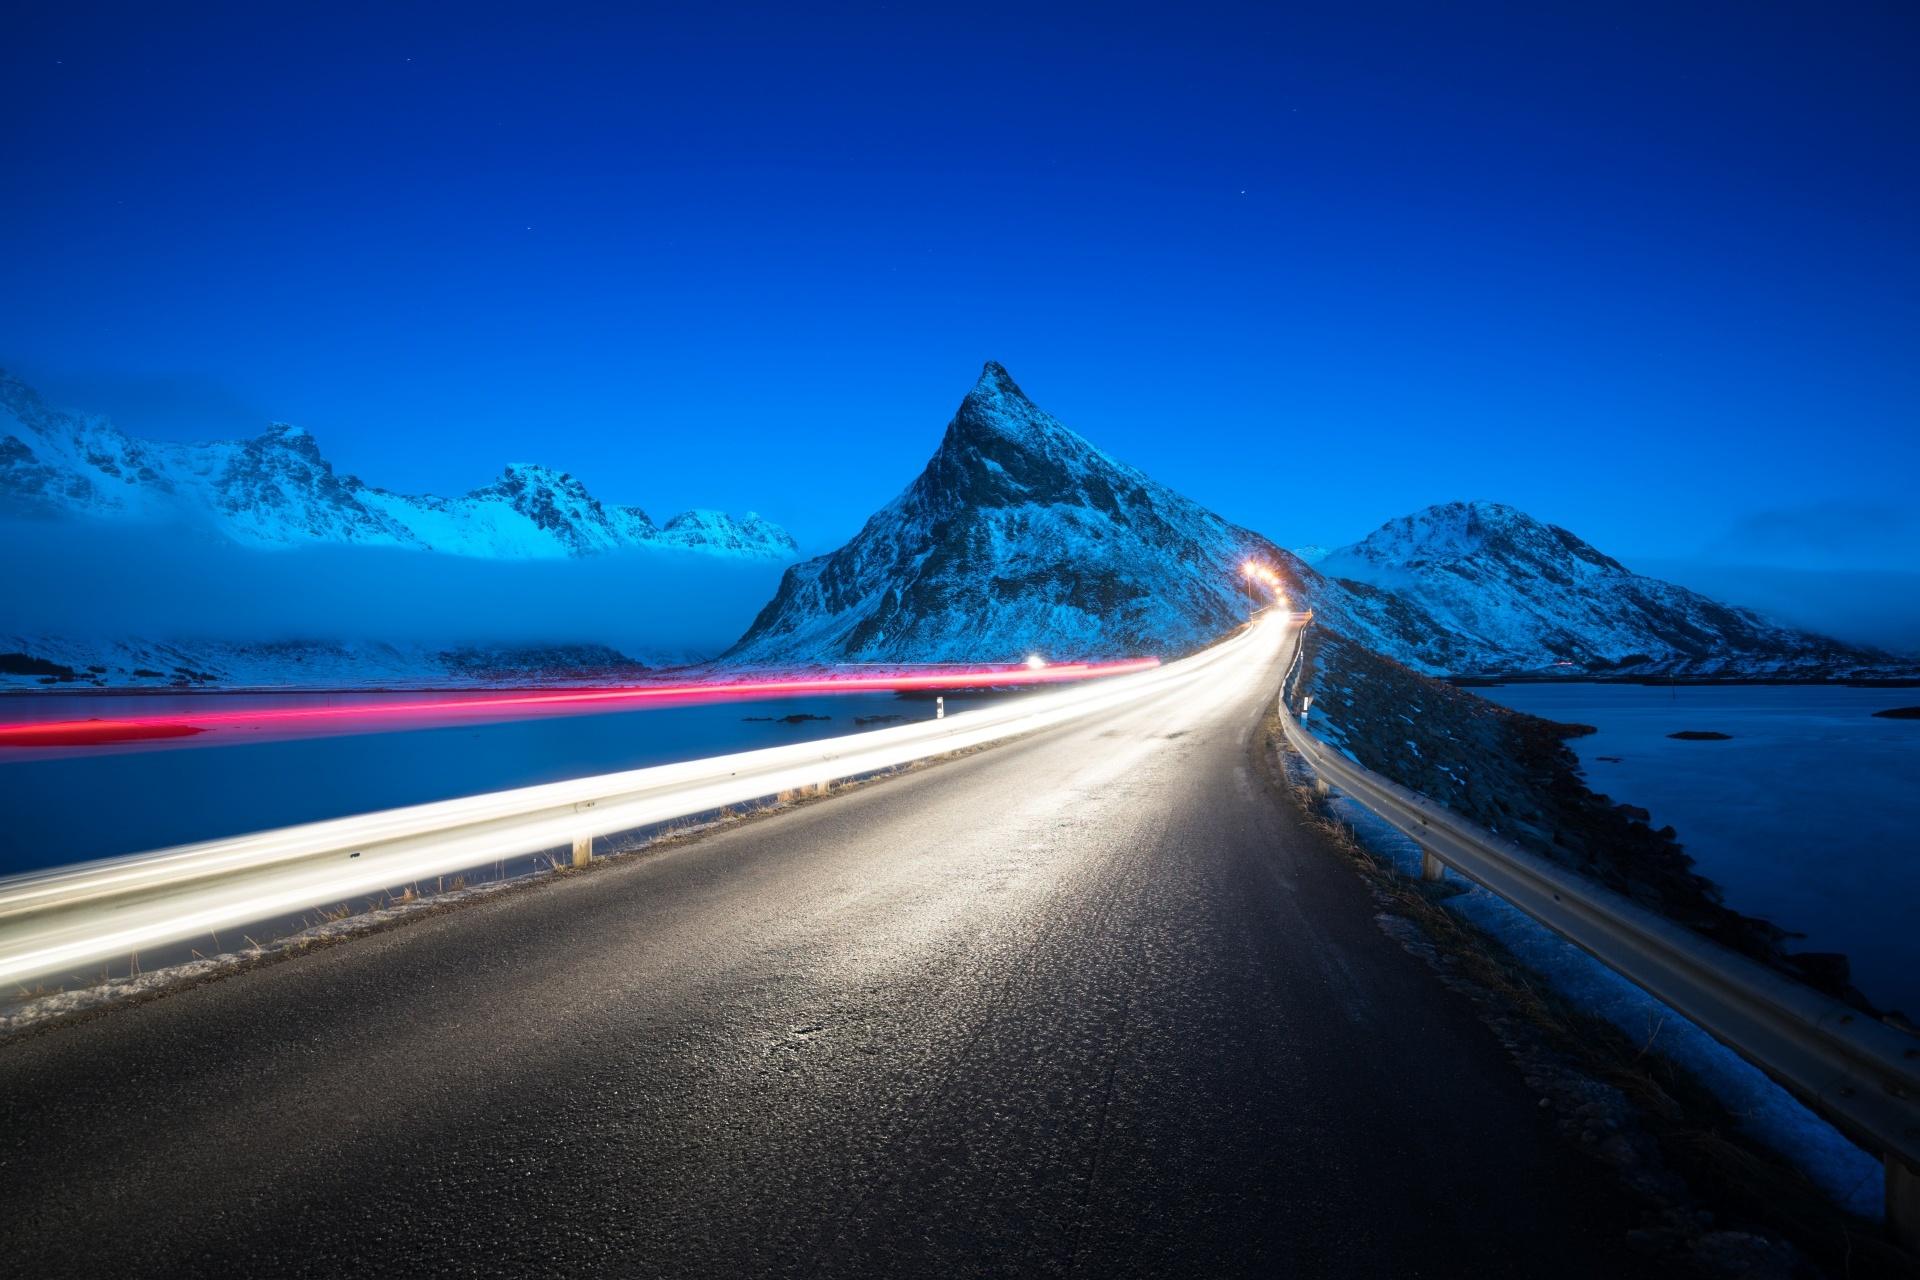 春のロフォーテン諸島 夜の風景 ノルウェーの風景